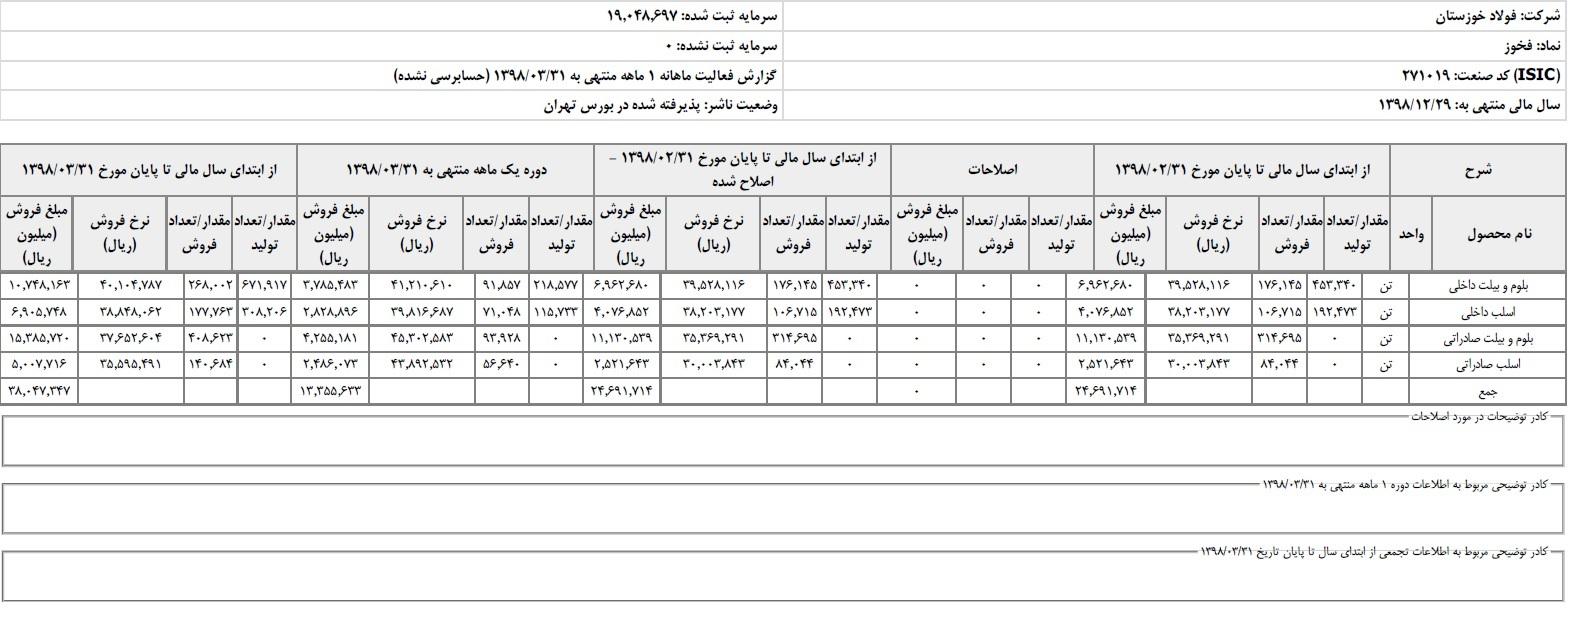 رشد 74 درصدی درآمد فولاد خوزستان از محل فروش 995 هزار تن محصول